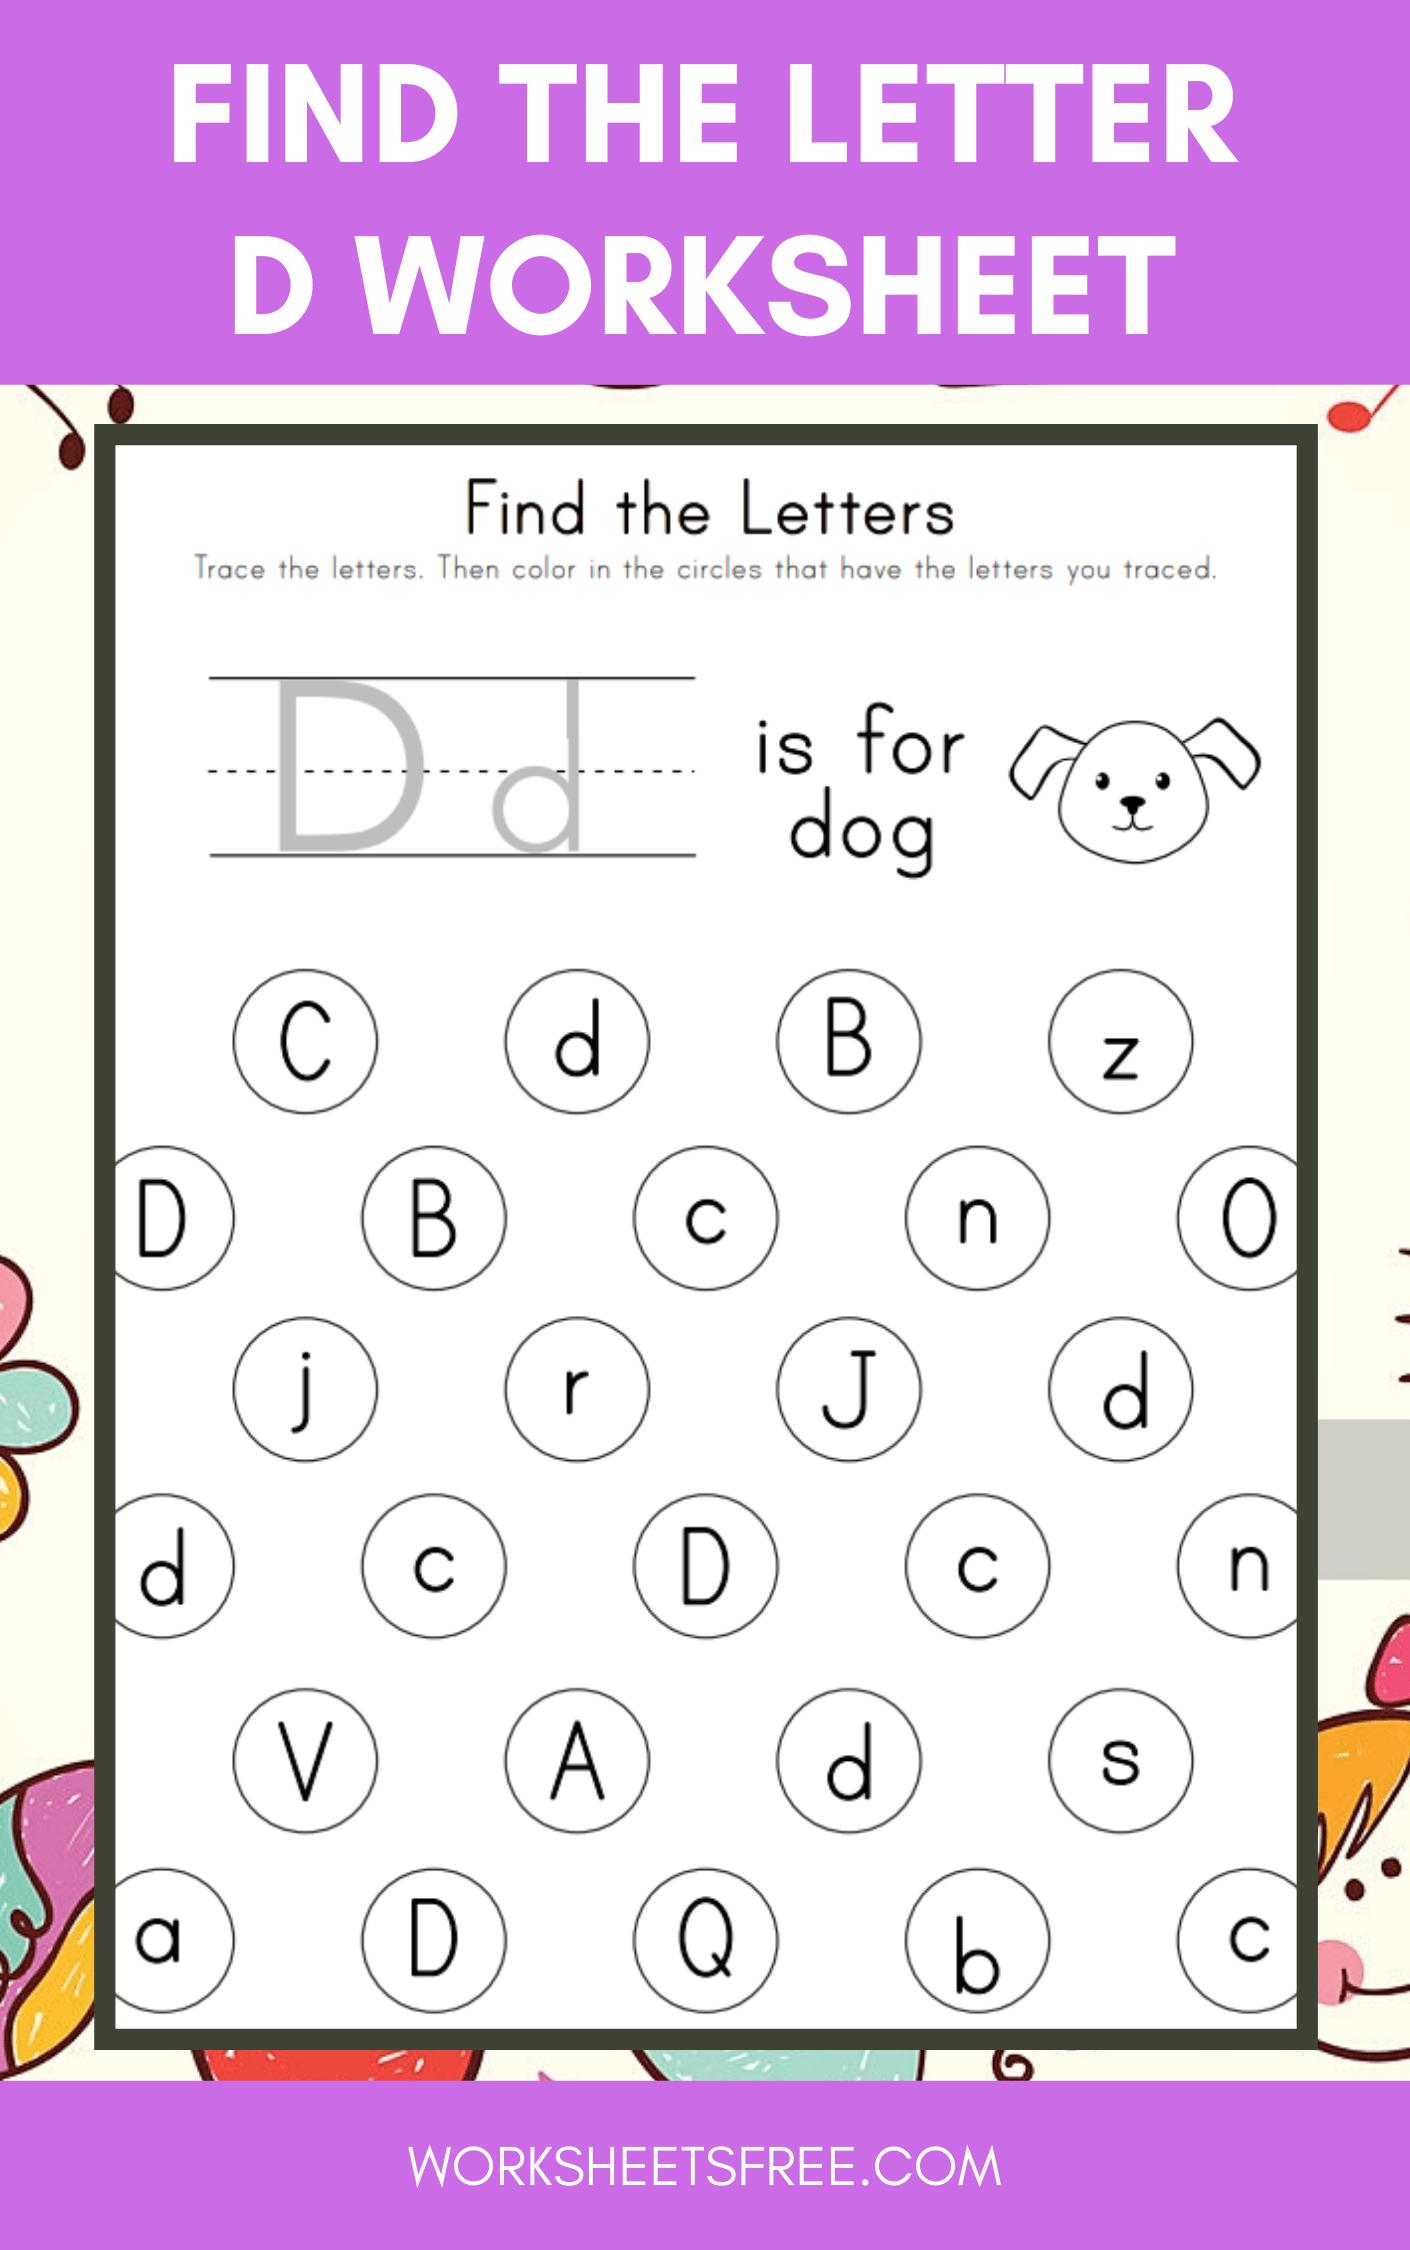 Find The Letter D Worksheet